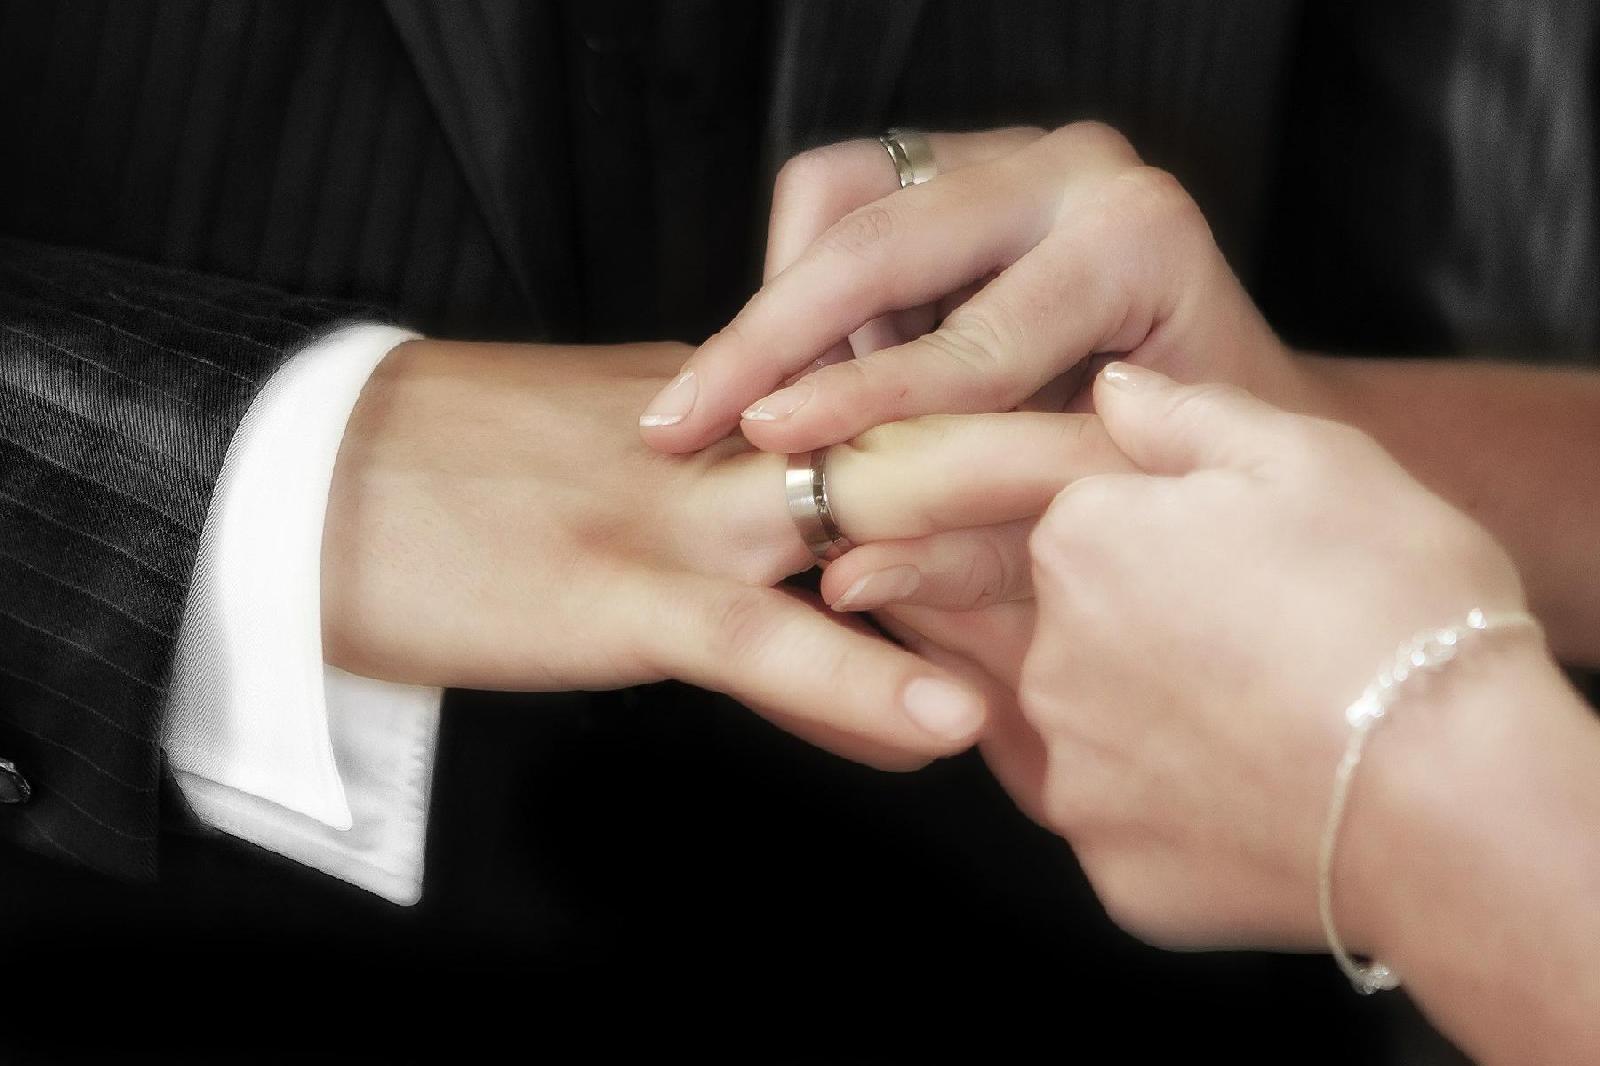 Matrimonio di convenienza per ottenere il permesso di ...